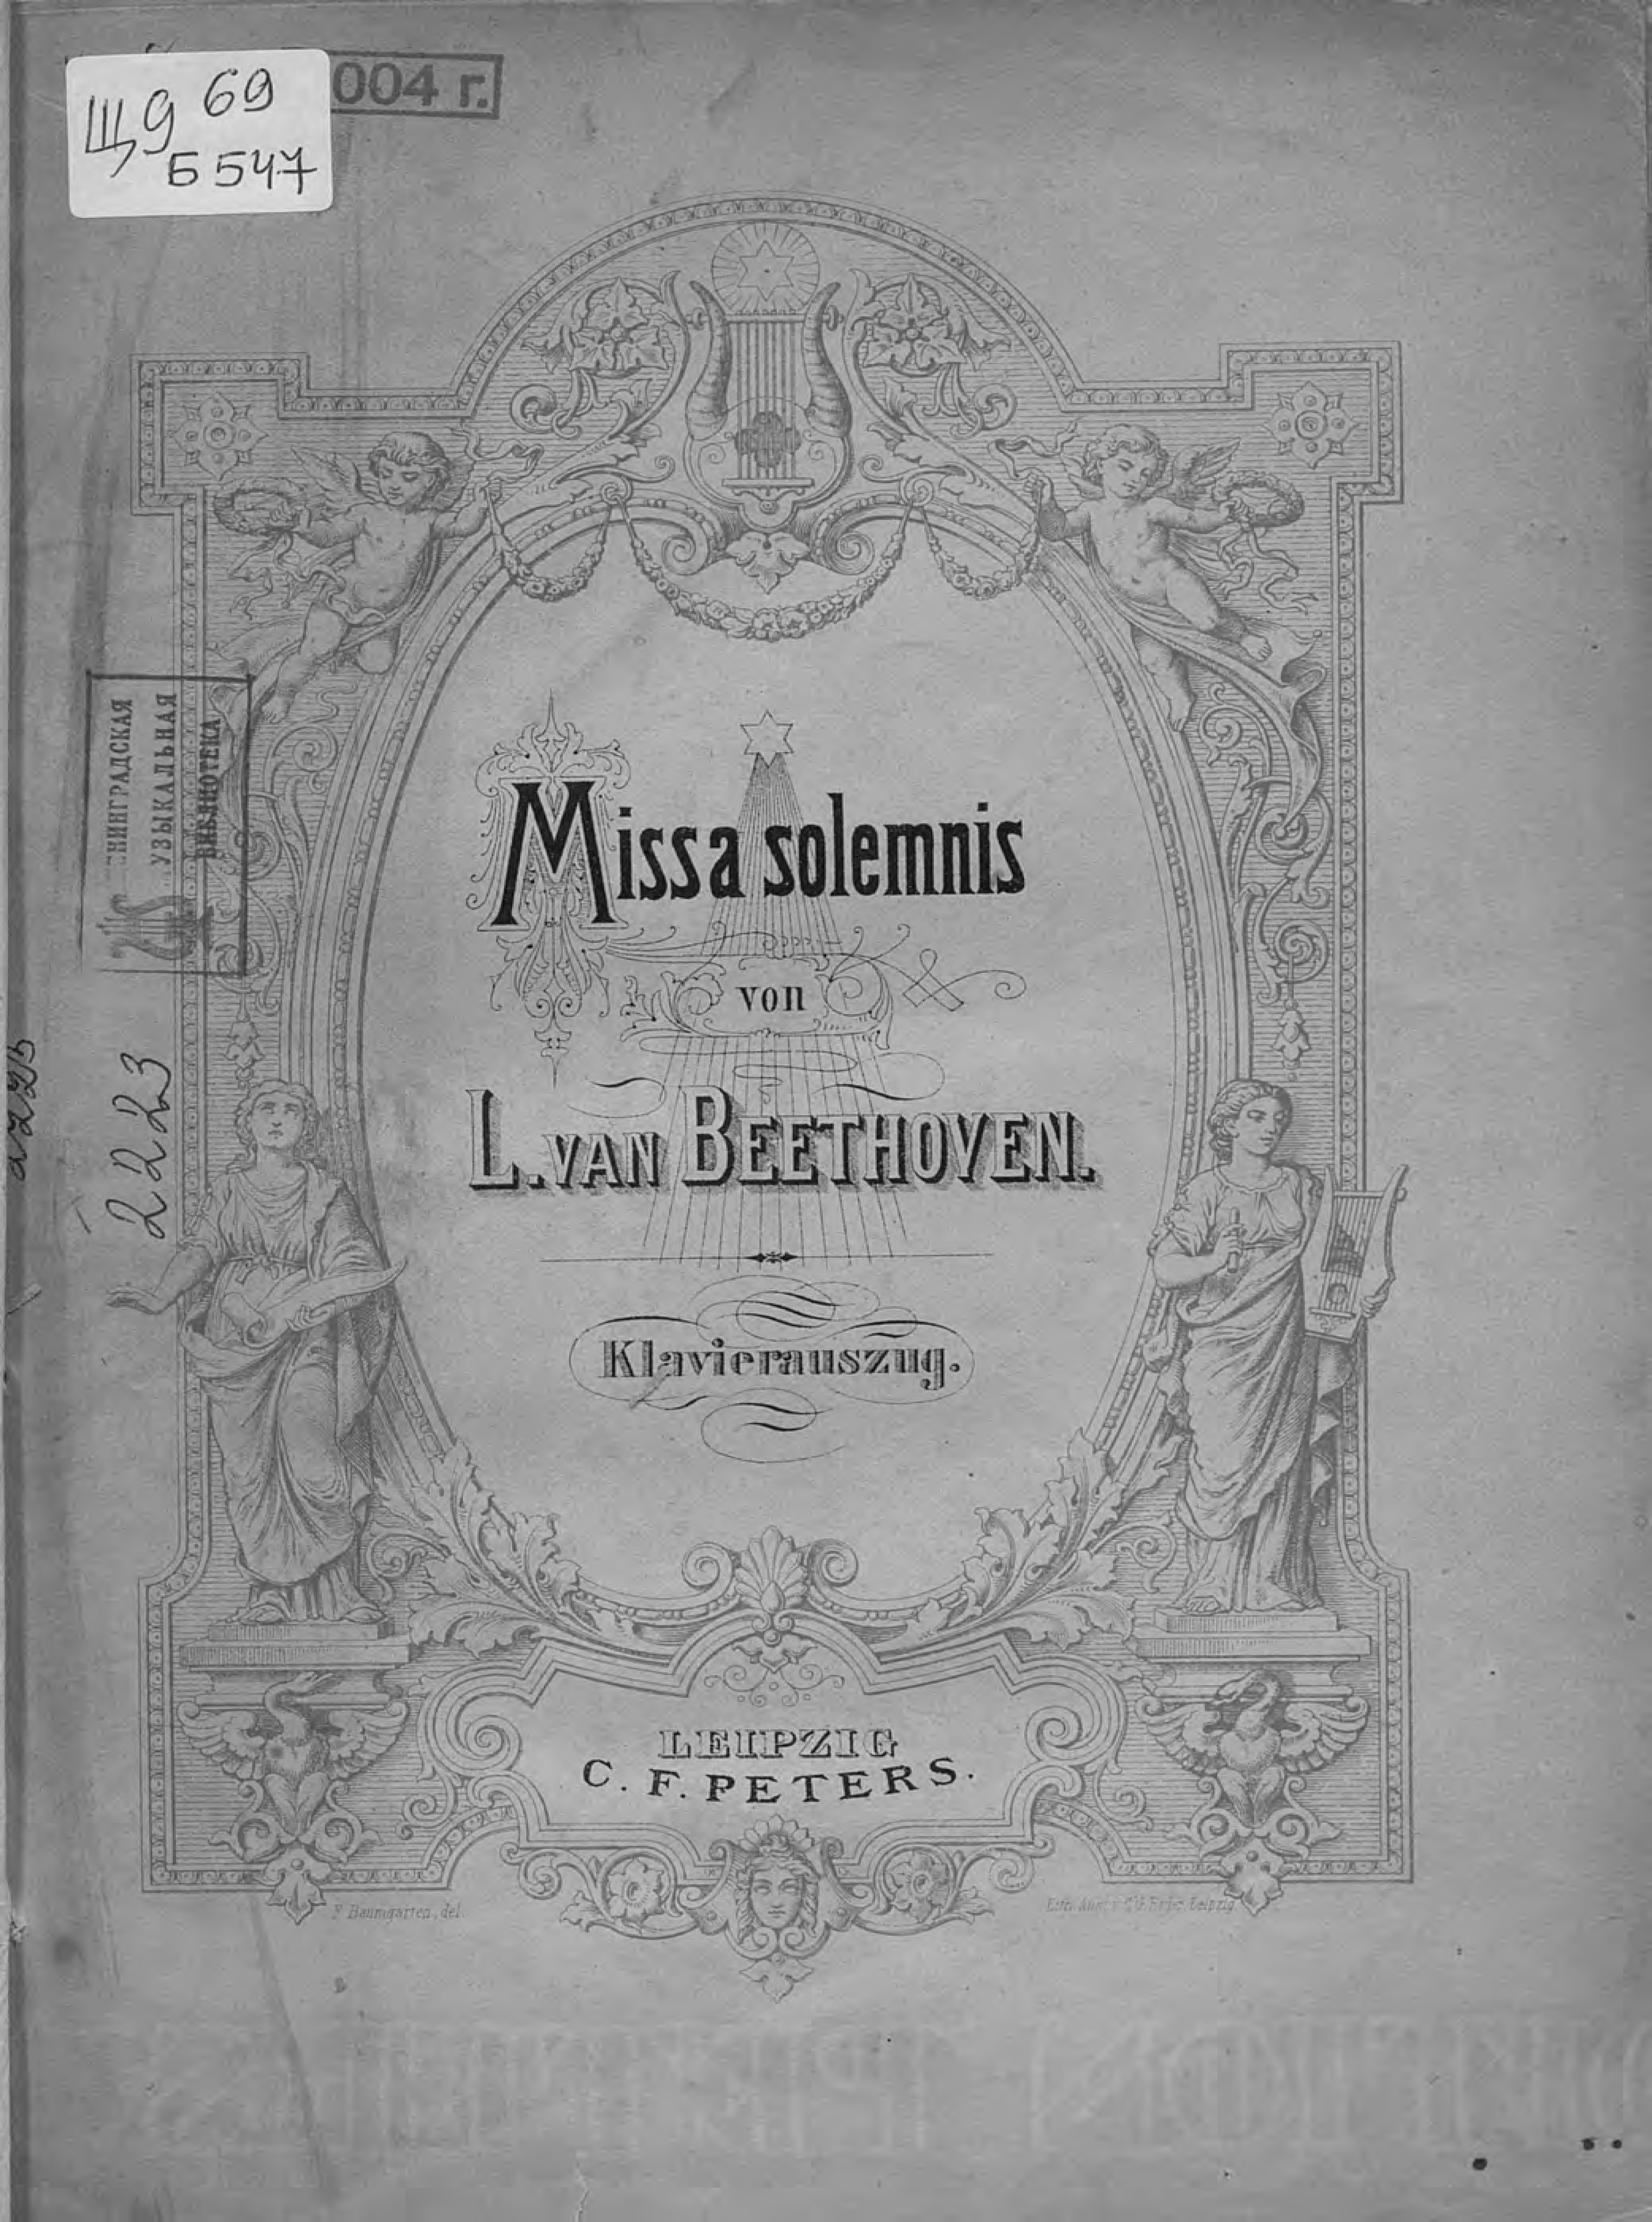 Людвиг ван Бетховен Missa solemnis цена и фото